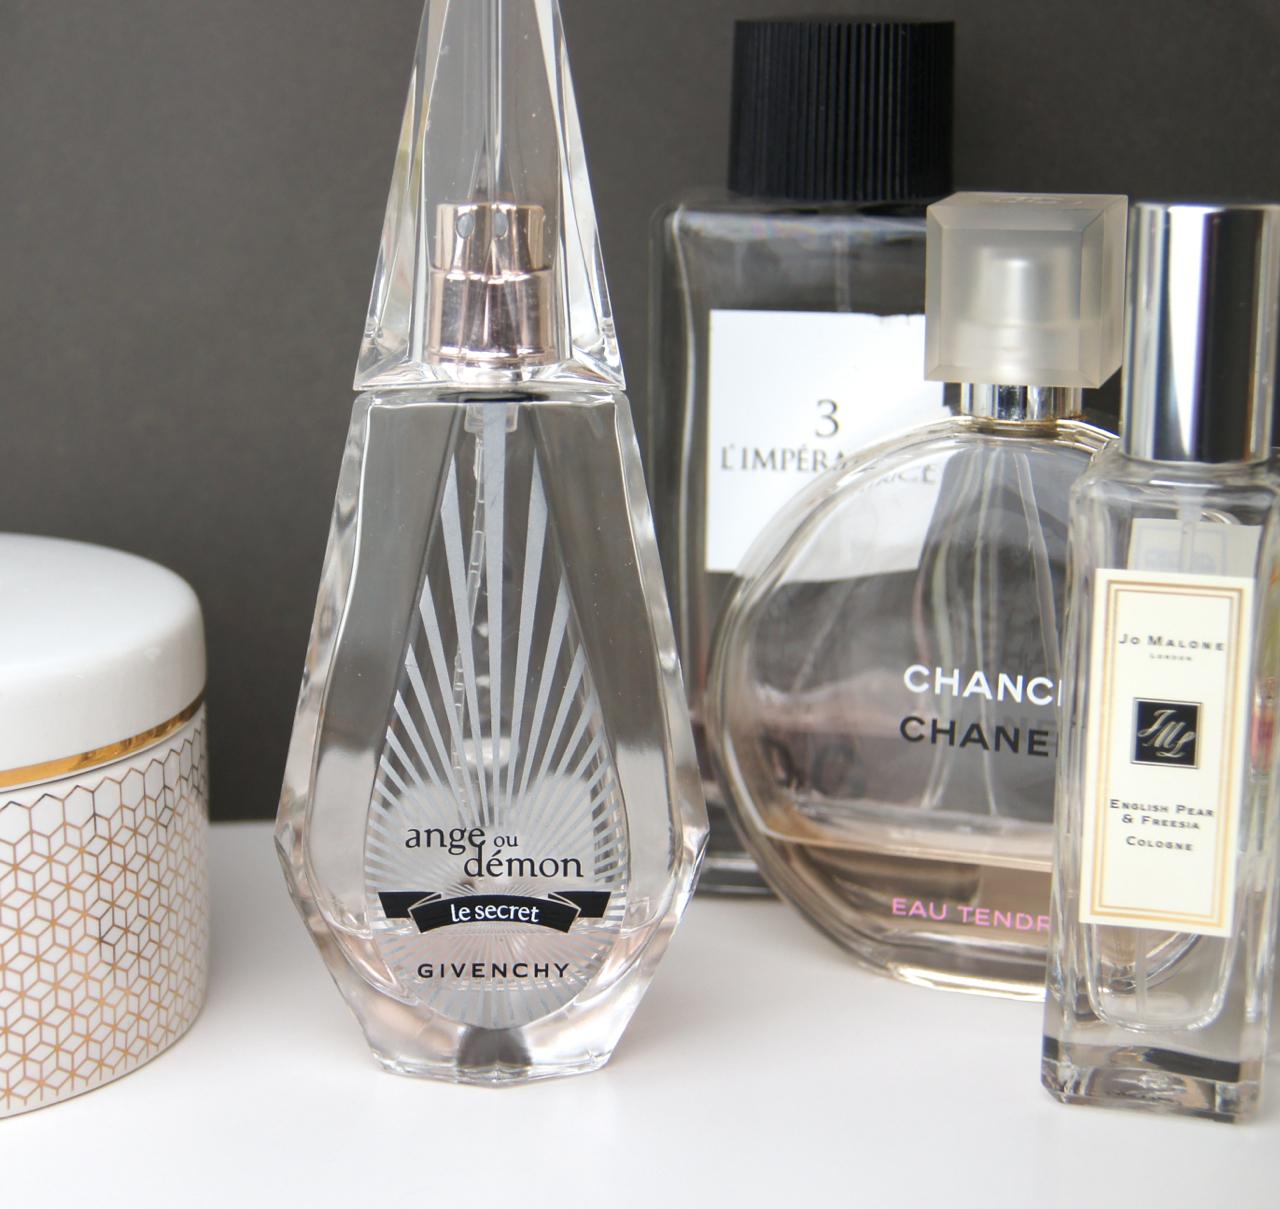 givenchy ange ou demon le secret eau de parfum review summer fragrance favourites